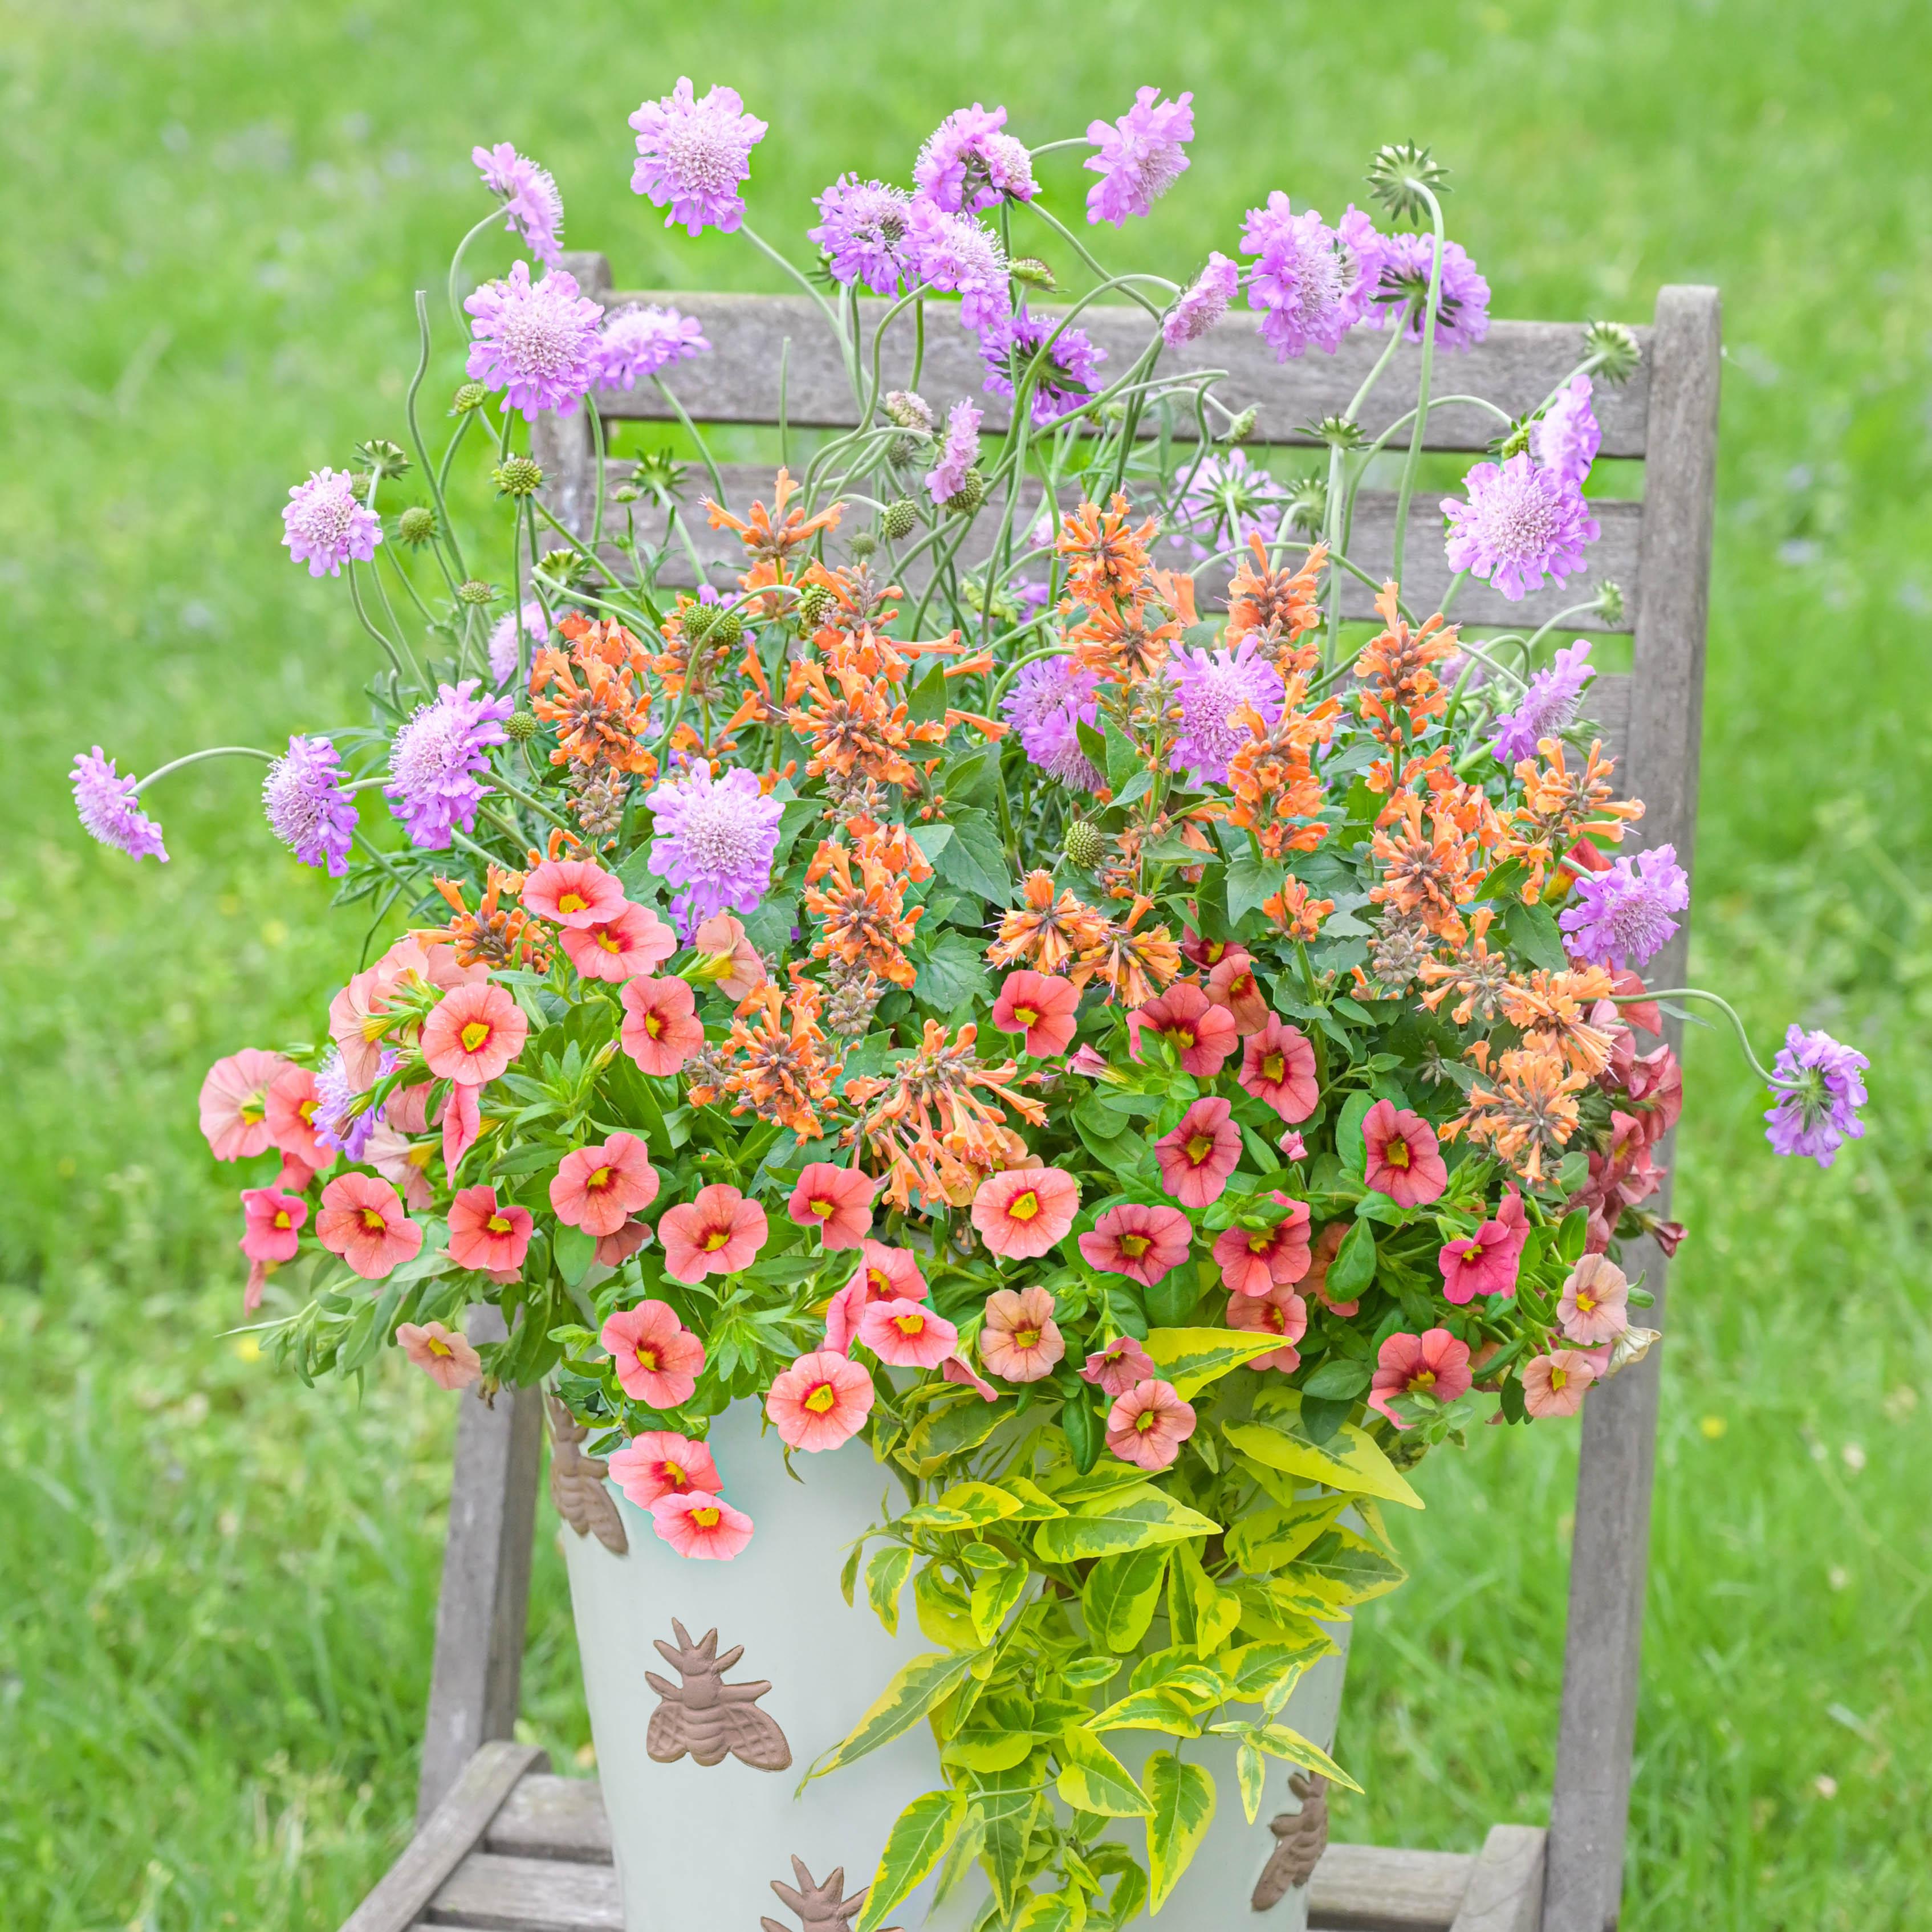 Pollinator Container: Calibrachoa, Sweet Potato Vine, Scabiosa, Agastache